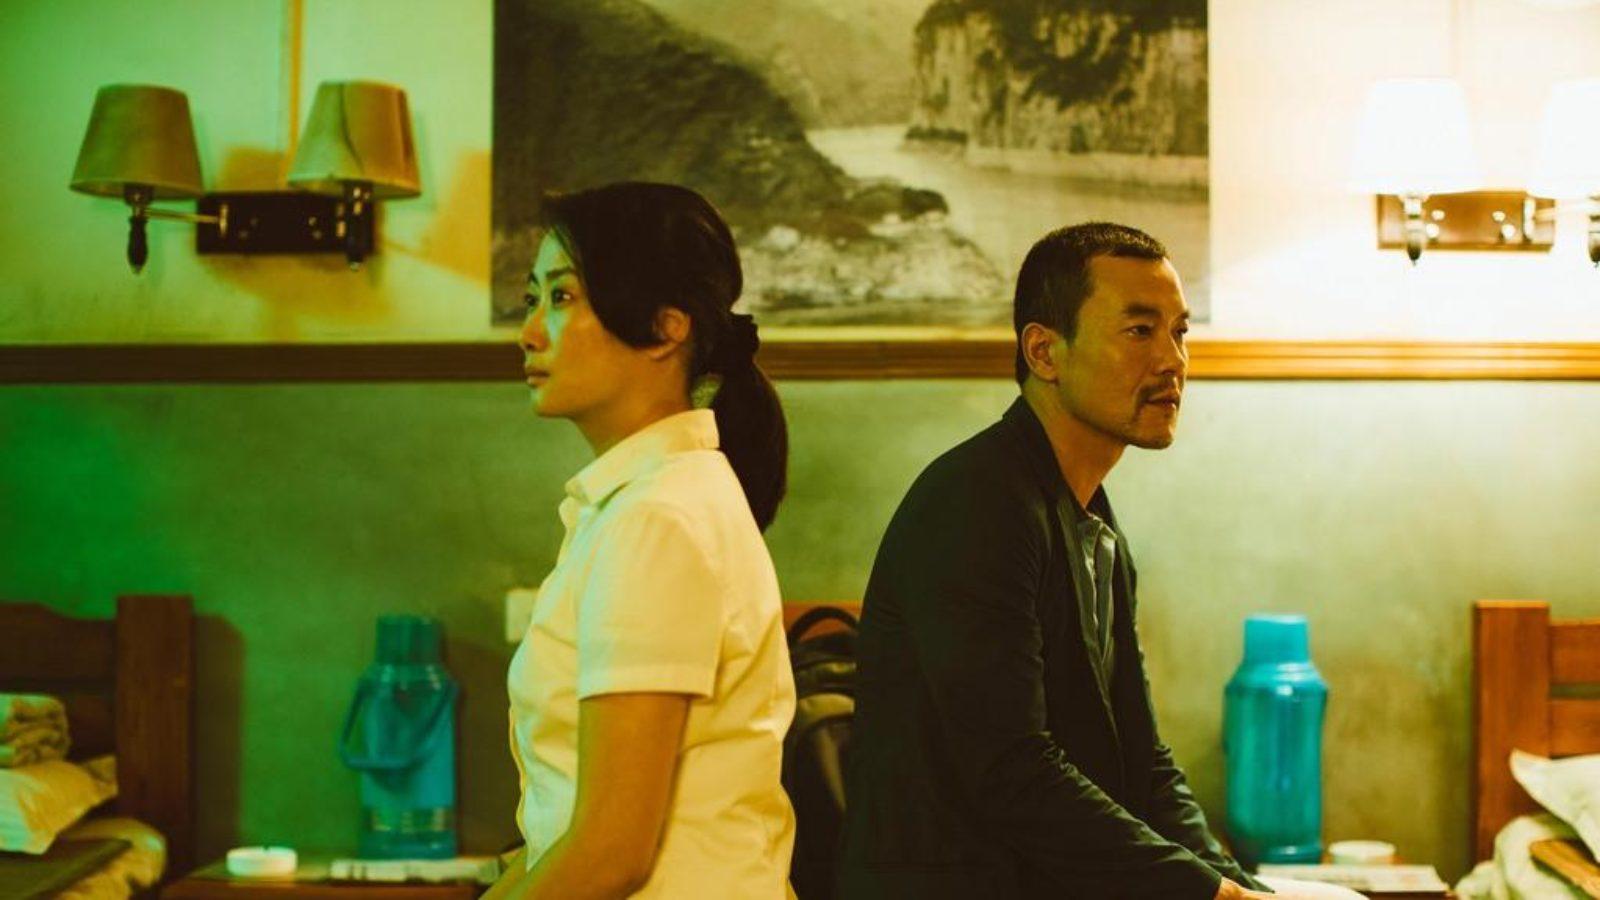 Yönetmen Zhangke, Bin'in düzenine çomağı çocuk çetelere sokturuyor. Bin'in bildiği yöntemlerle ve bağlı bulunduğu kod ile bu yeni mücadelede başarısının imkansızlığını gösteriyor. Katı olan her şey geç de olsa Çin'in kuzeyinde de buharlaşıyor.